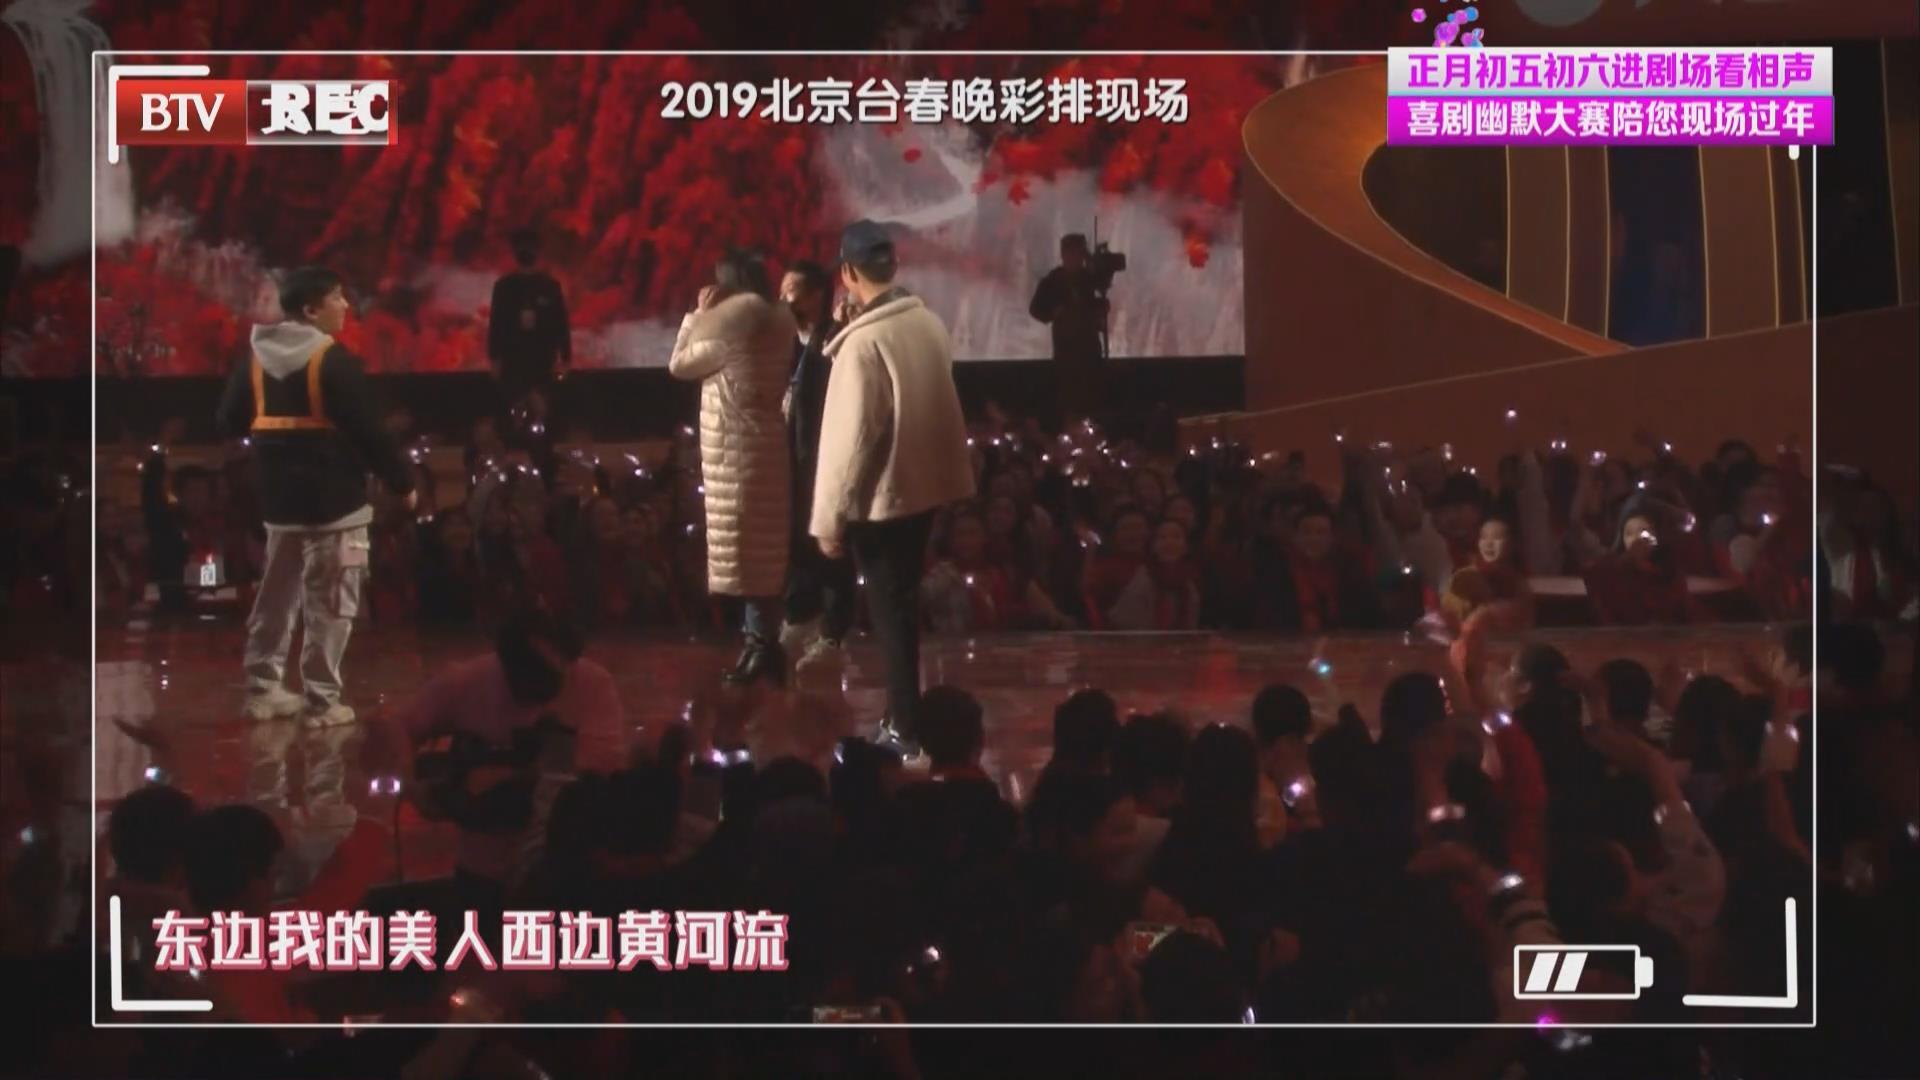 王凱 劉濤BTV春晚表演情景歌舞